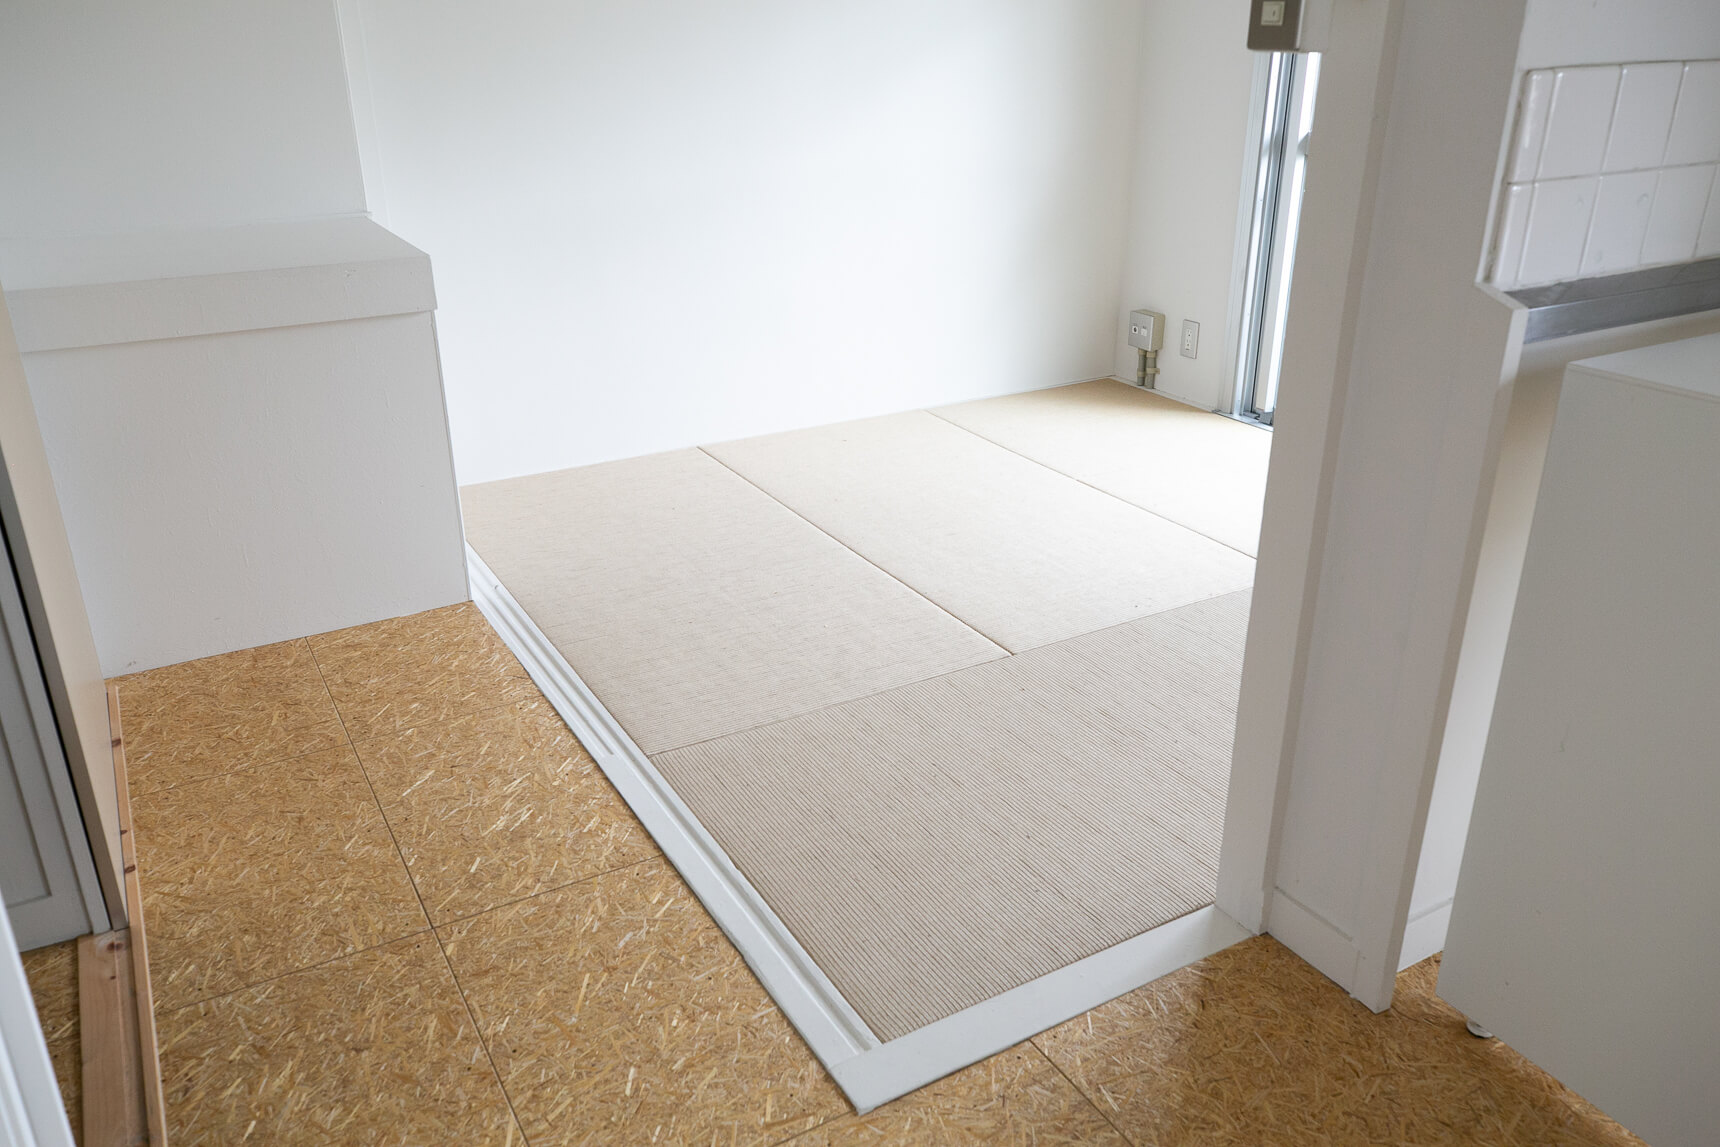 ダイニング・キッチン以外には、麻畳の和室がふたつ。どちらもダイニング・キッチンとゆるく繋がる自由度の高い間取りなので、お好きな方を寝室に、もう一つはキッチンとひとつづきのLDKとして使うのもおすすめ。